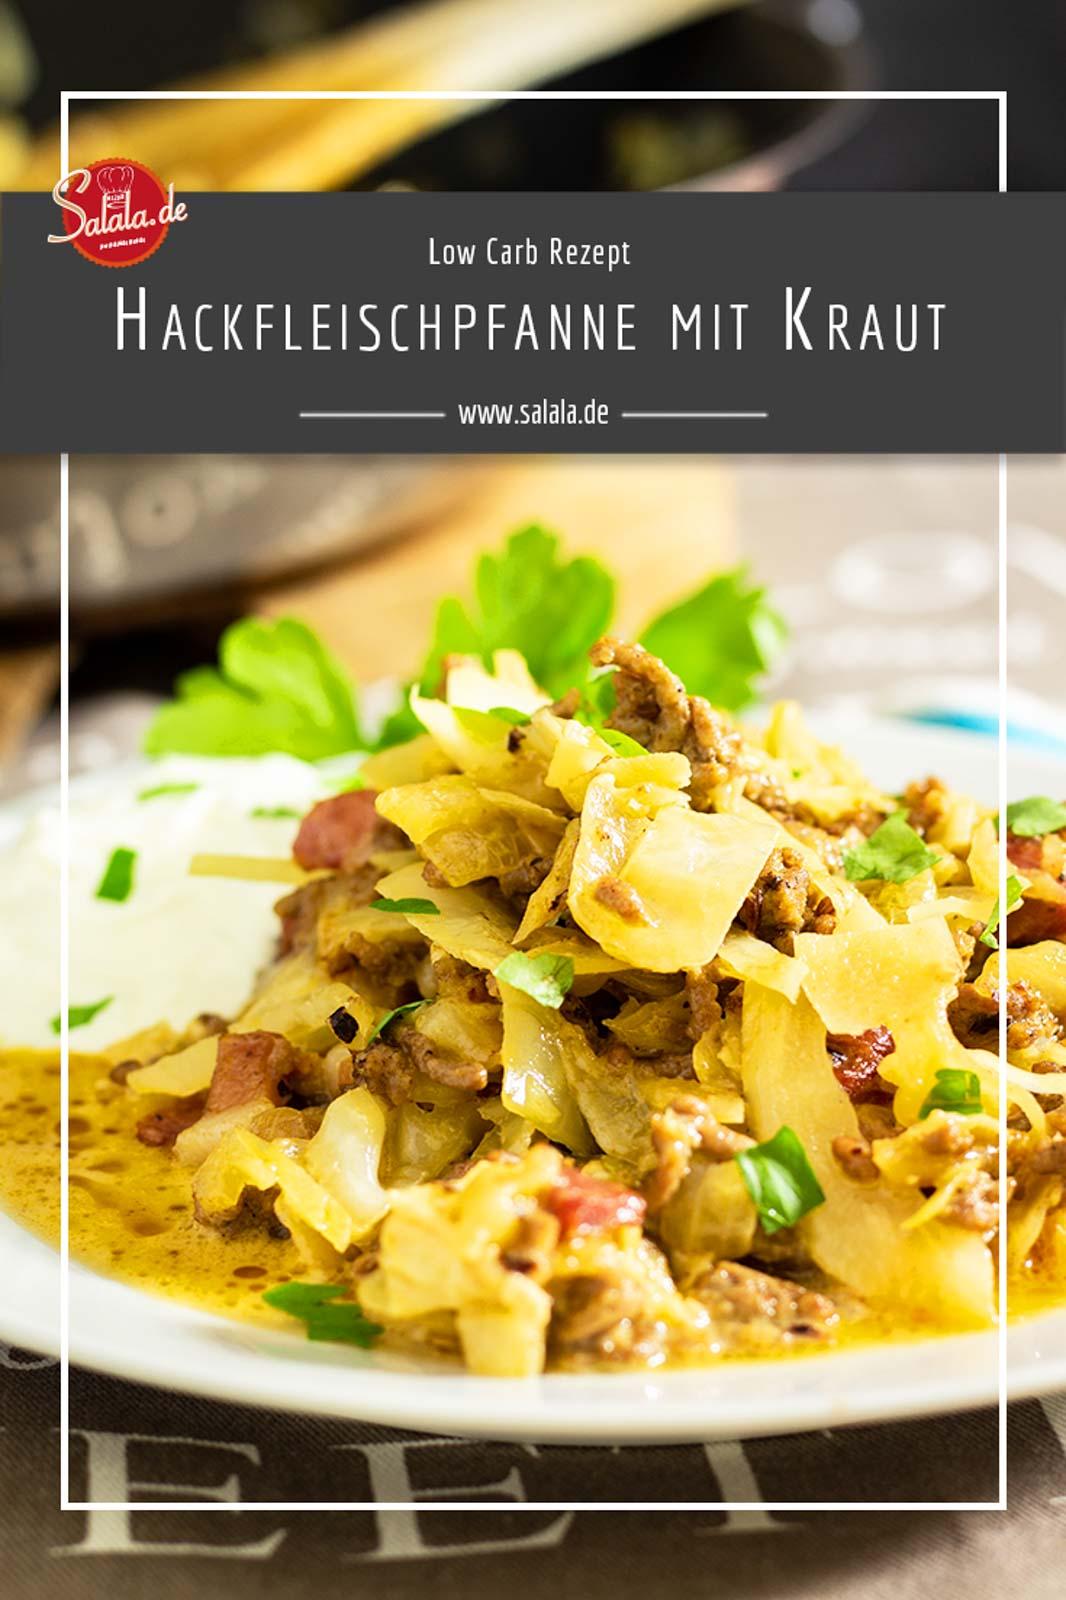 #lowcarbrezepte #hackfleischpfanne #hackfleischpfannemitweißkohl #rezeptemitweißkohl #rezepte #schnellerezepte